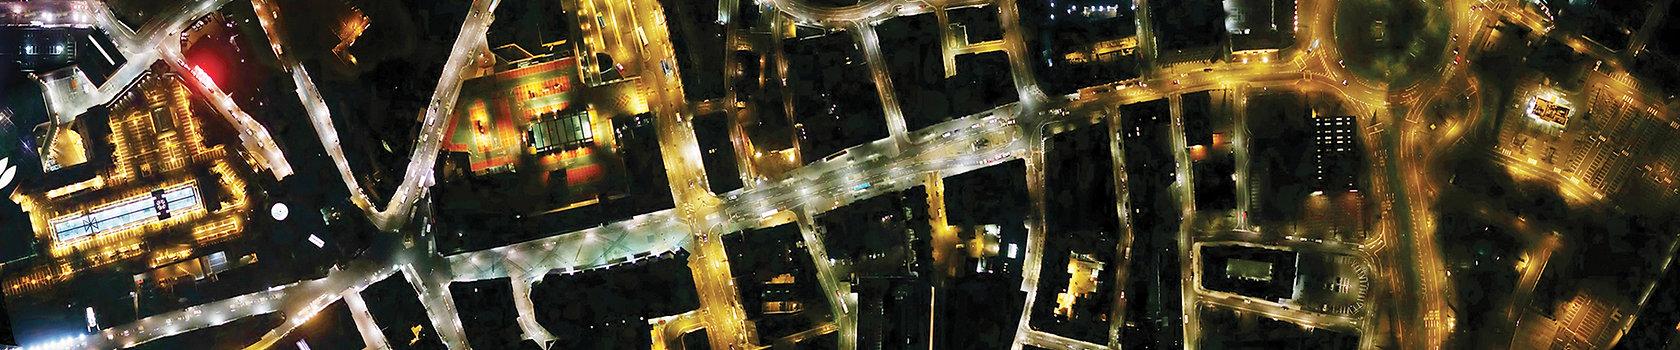 Bluesky night aerial photo